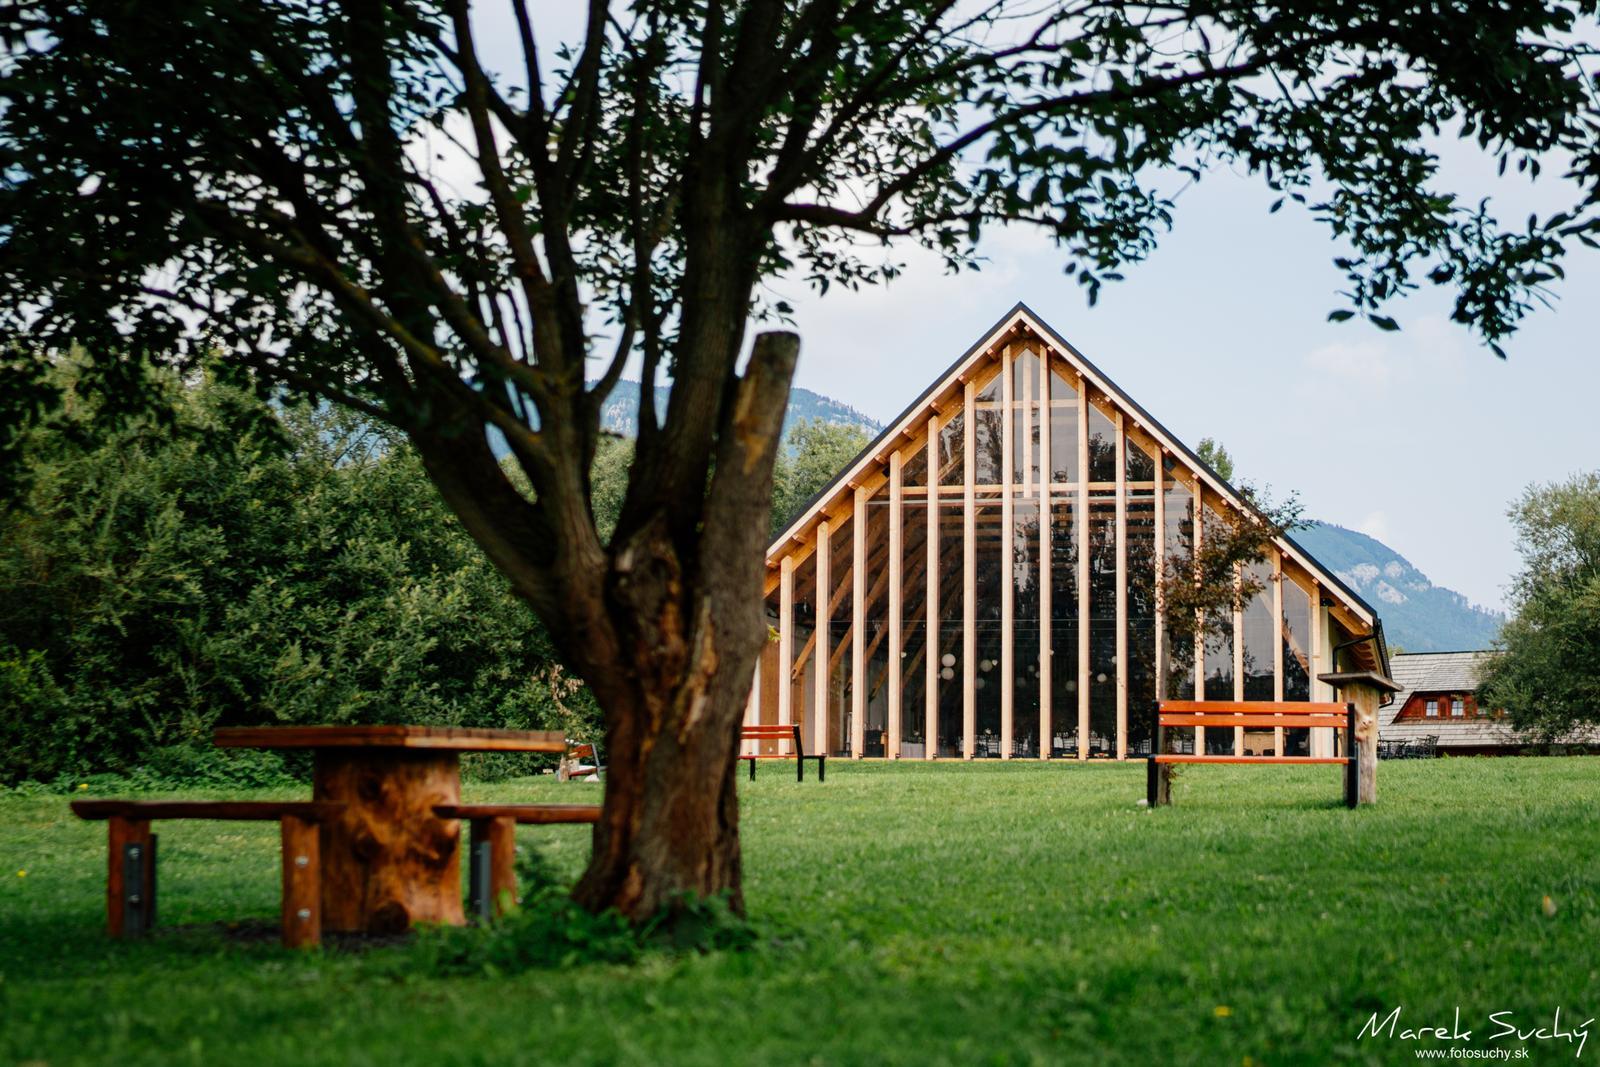 Svadobné inšpirácie - stodola Gréta - Obrázok č. 2